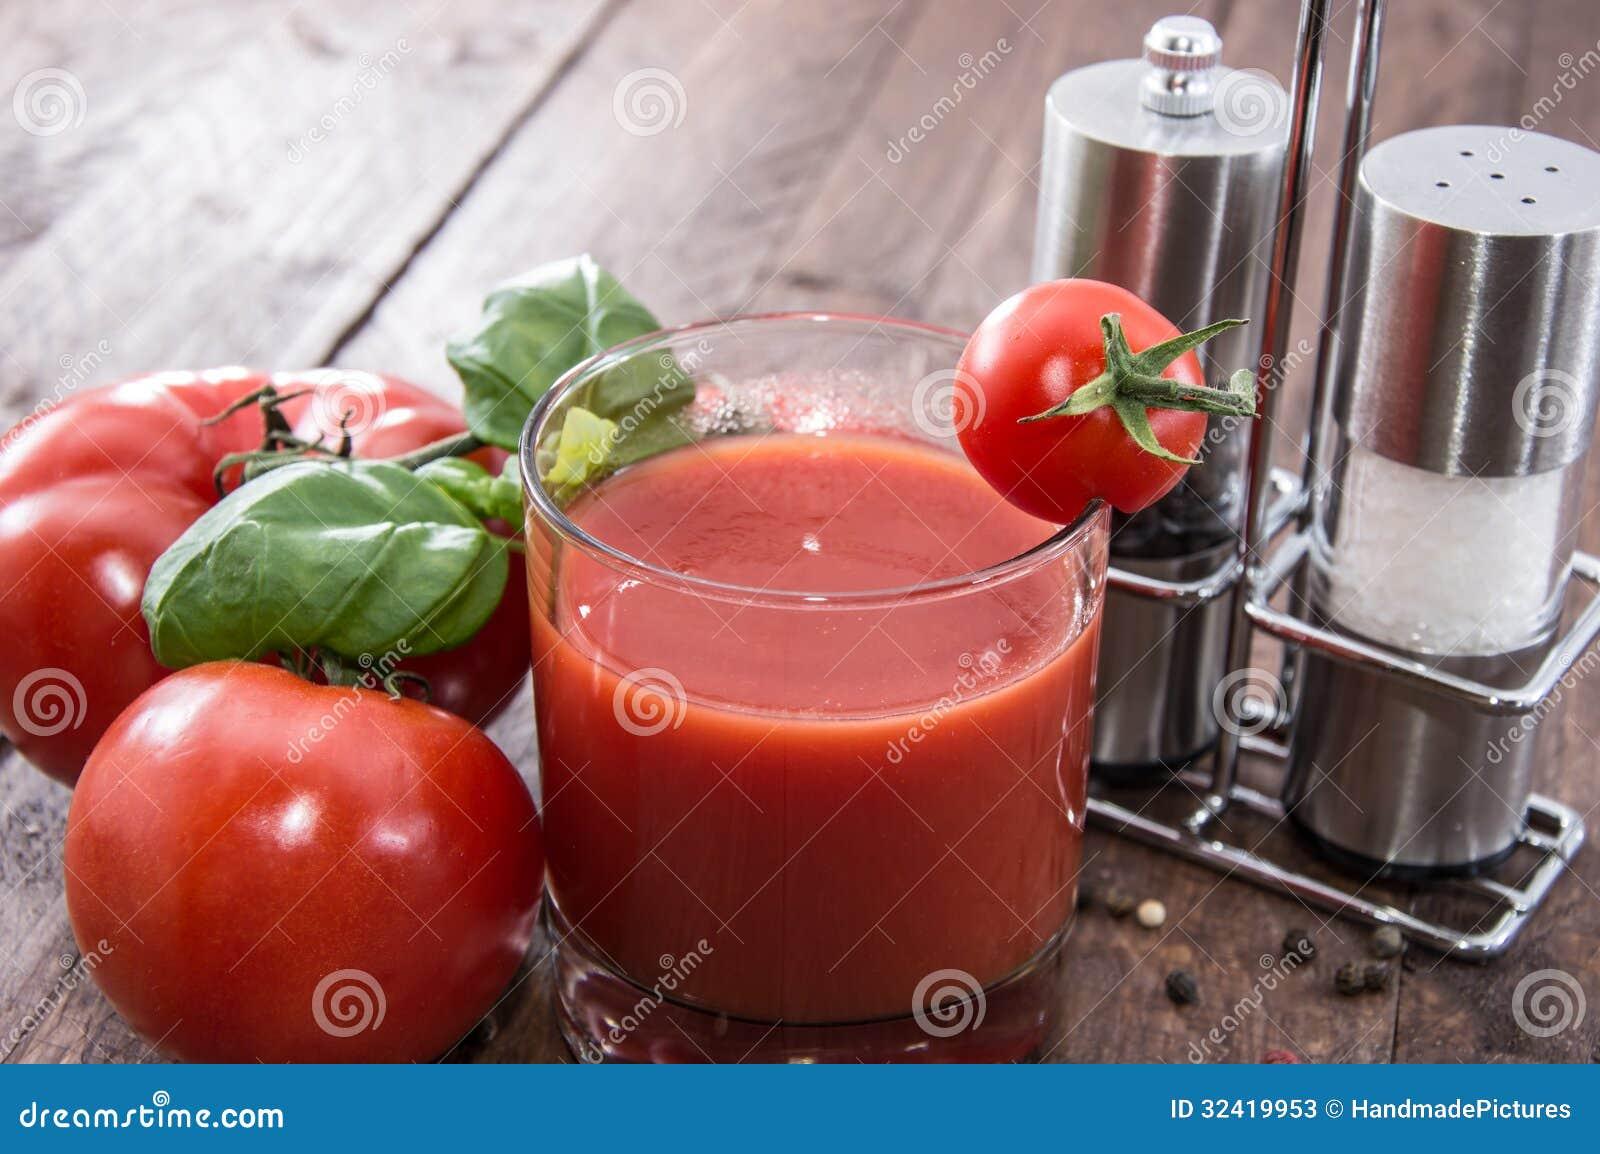 Homemade Tomato Juice Stock Photos - Image: 32419953